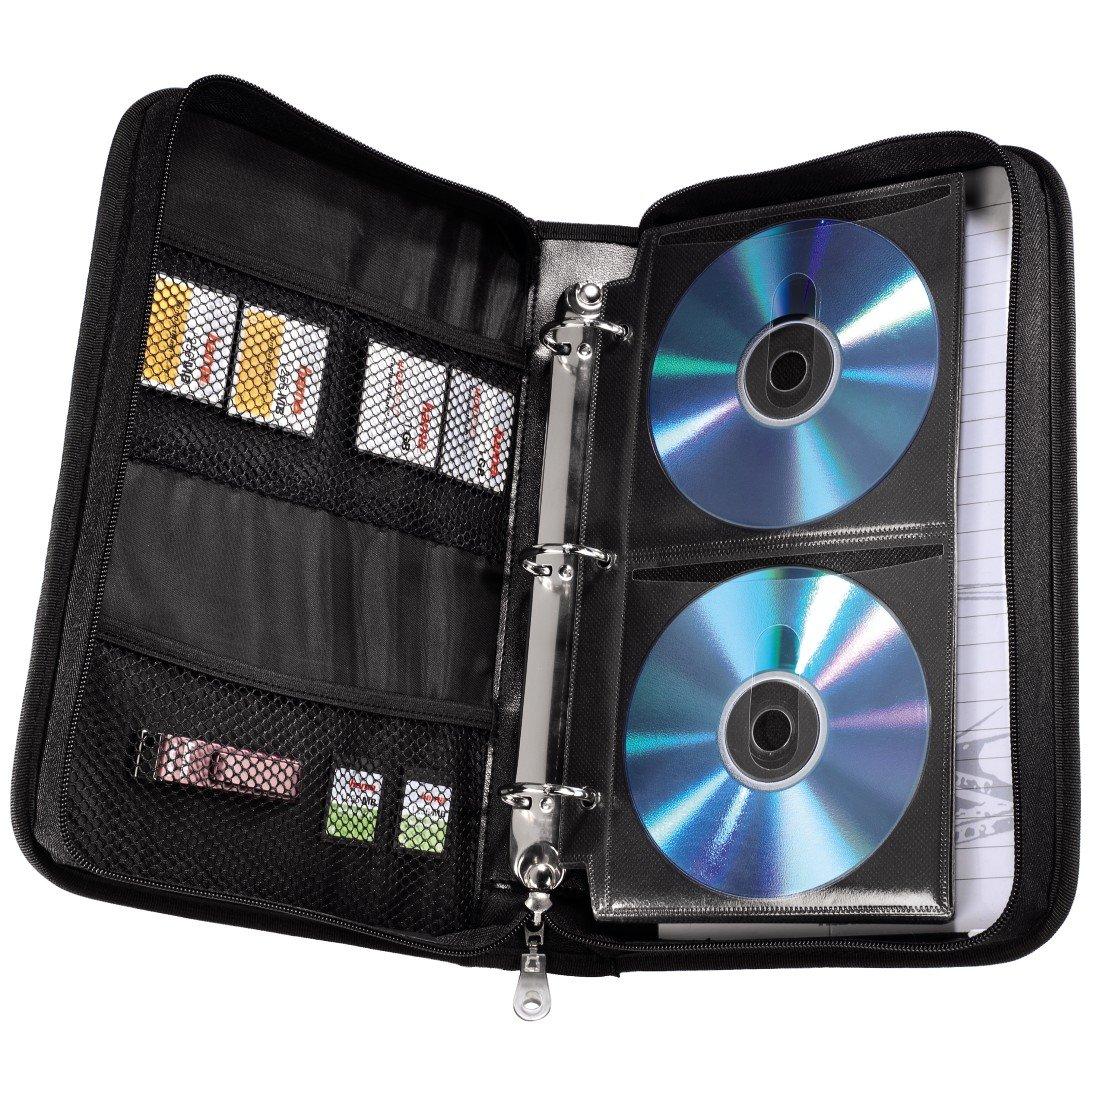 Hama CD Aufbewahrung Tasche Mappe schwarz grau: Amazon.de: Computer ...